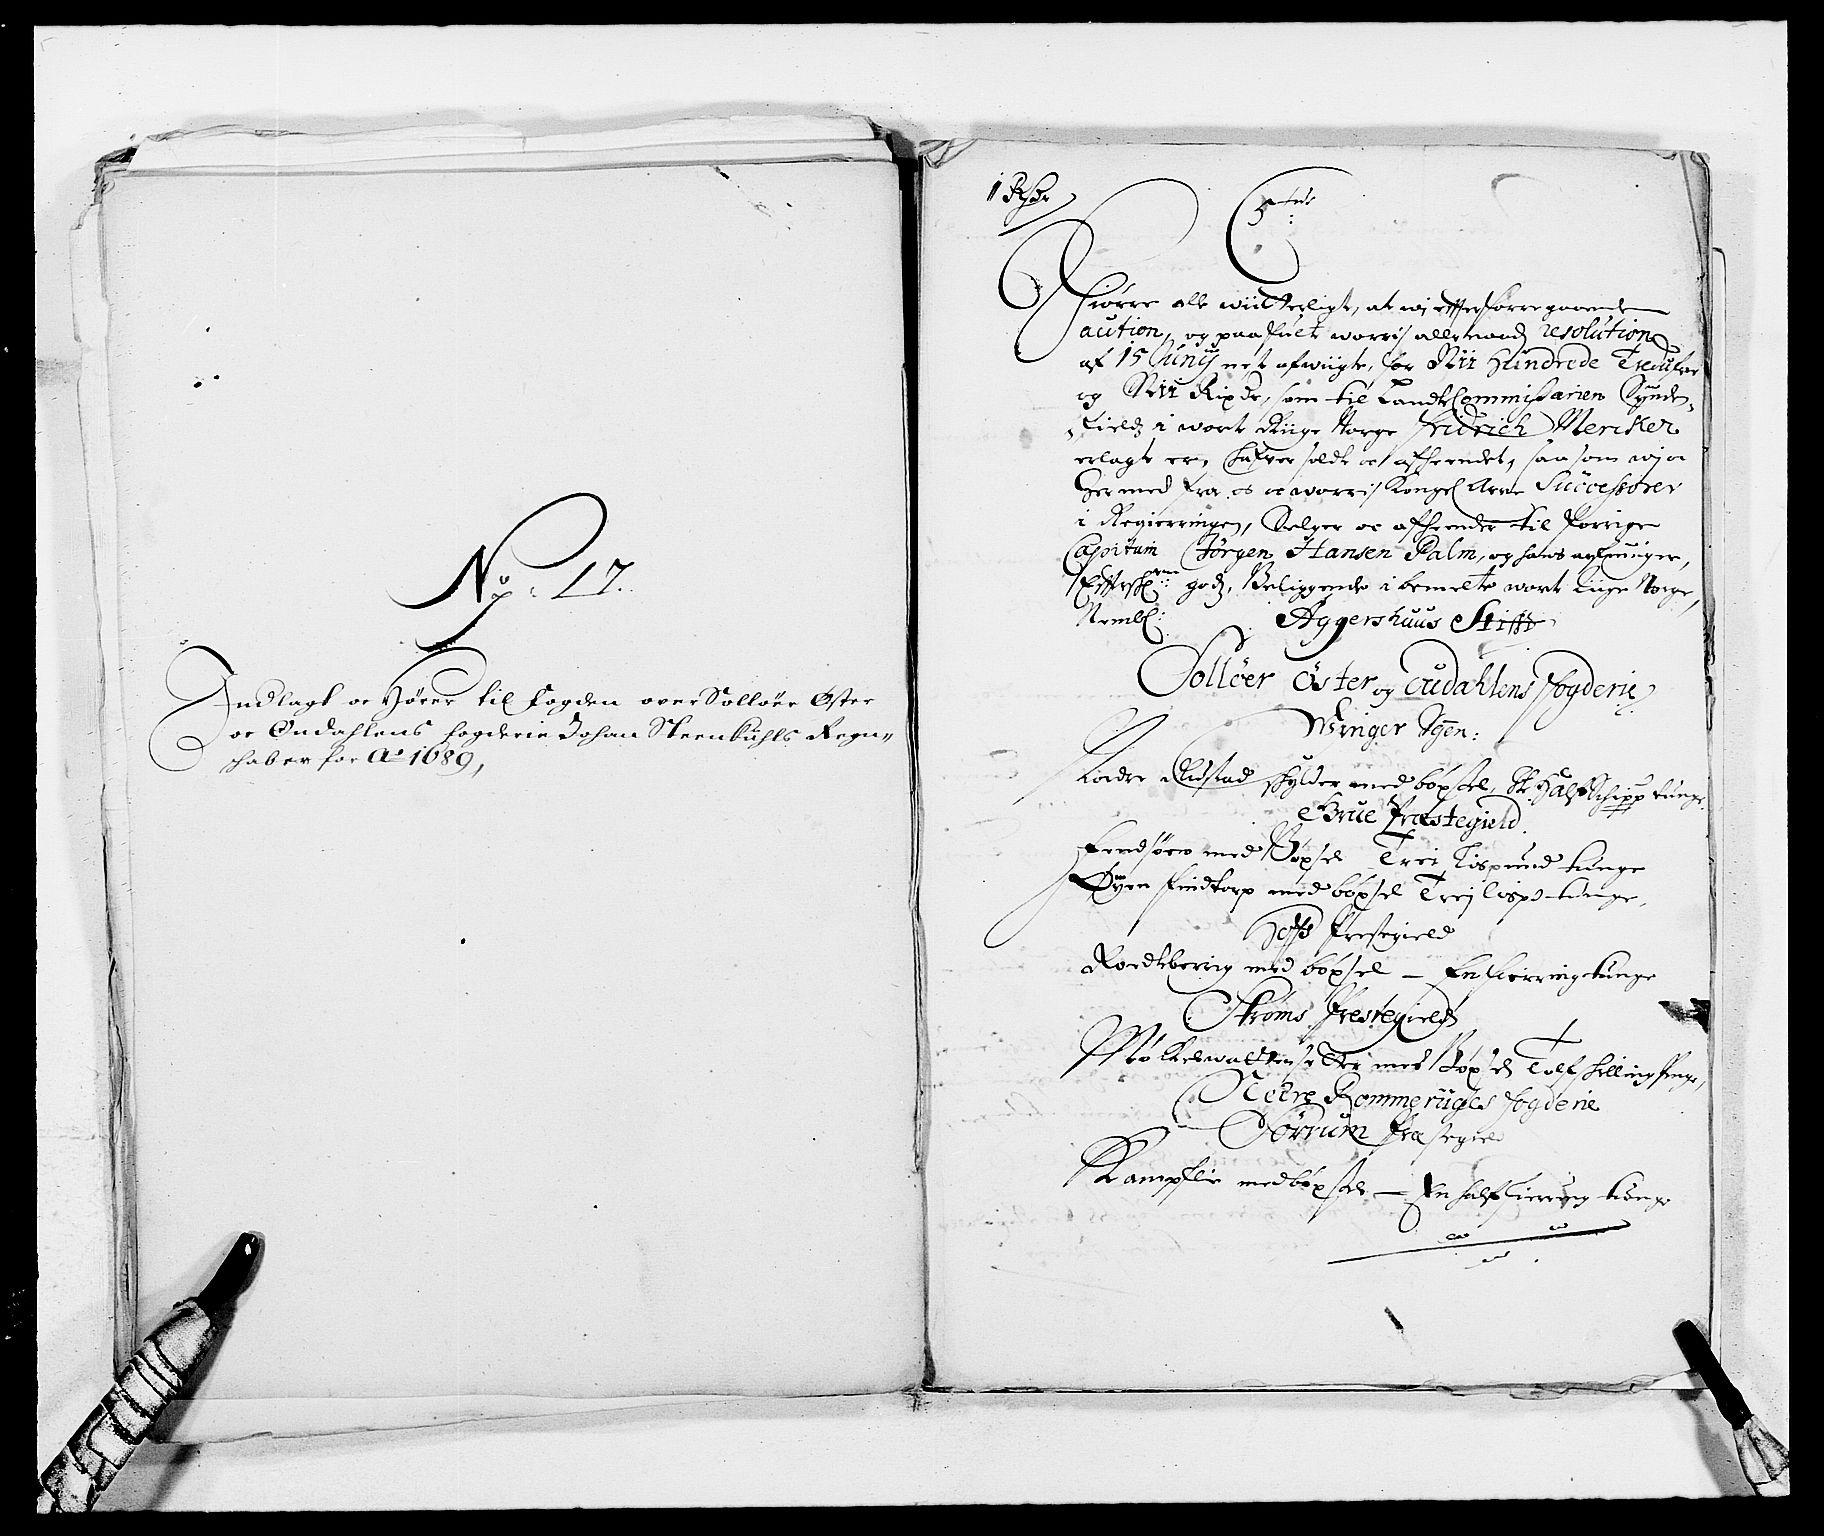 RA, Rentekammeret inntil 1814, Reviderte regnskaper, Fogderegnskap, R13/L0827: Fogderegnskap Solør, Odal og Østerdal, 1689, s. 393